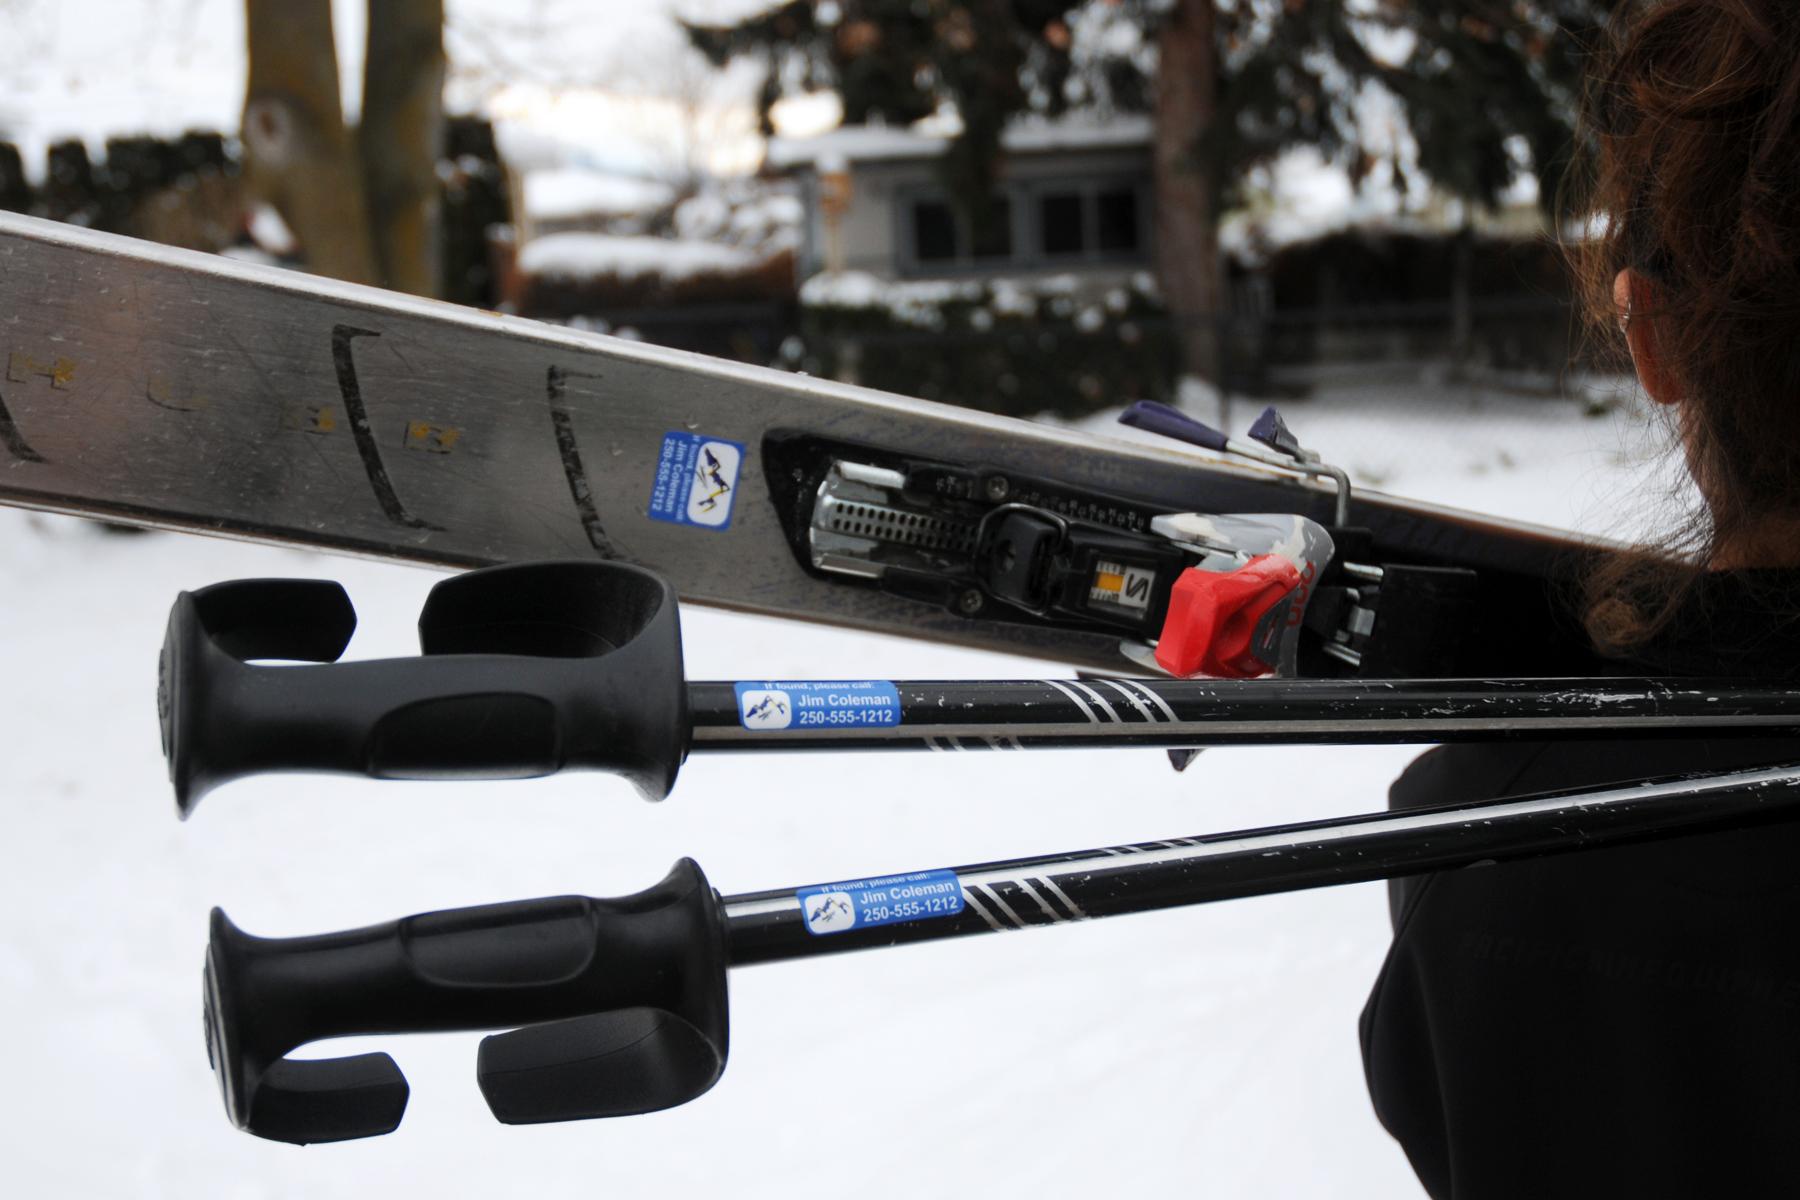 skis-poles.jpg